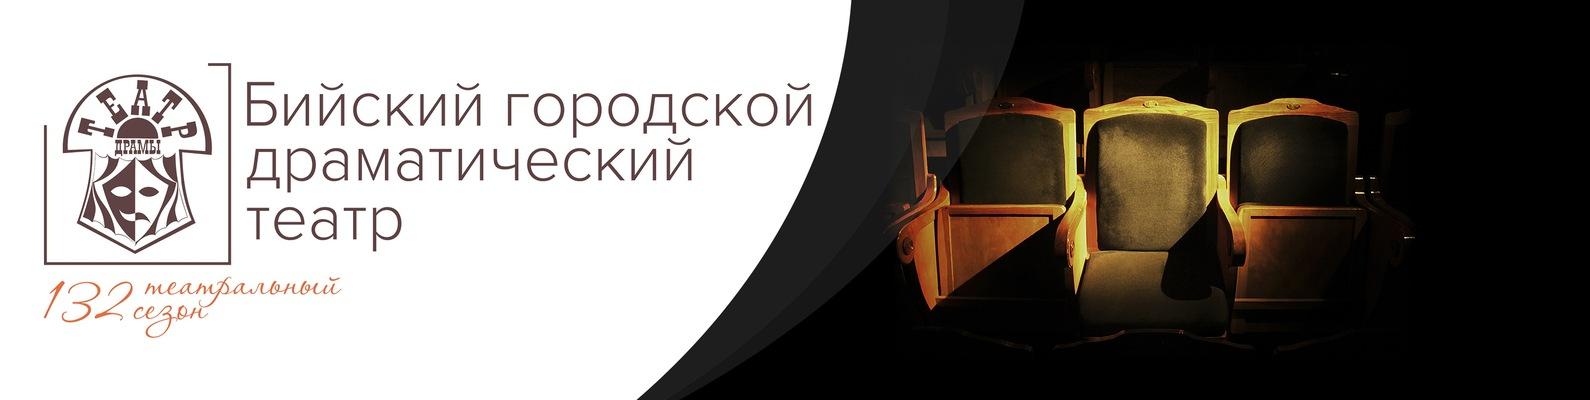 Бийский драматический театр афиша 2017 театр евстигнеева афиша